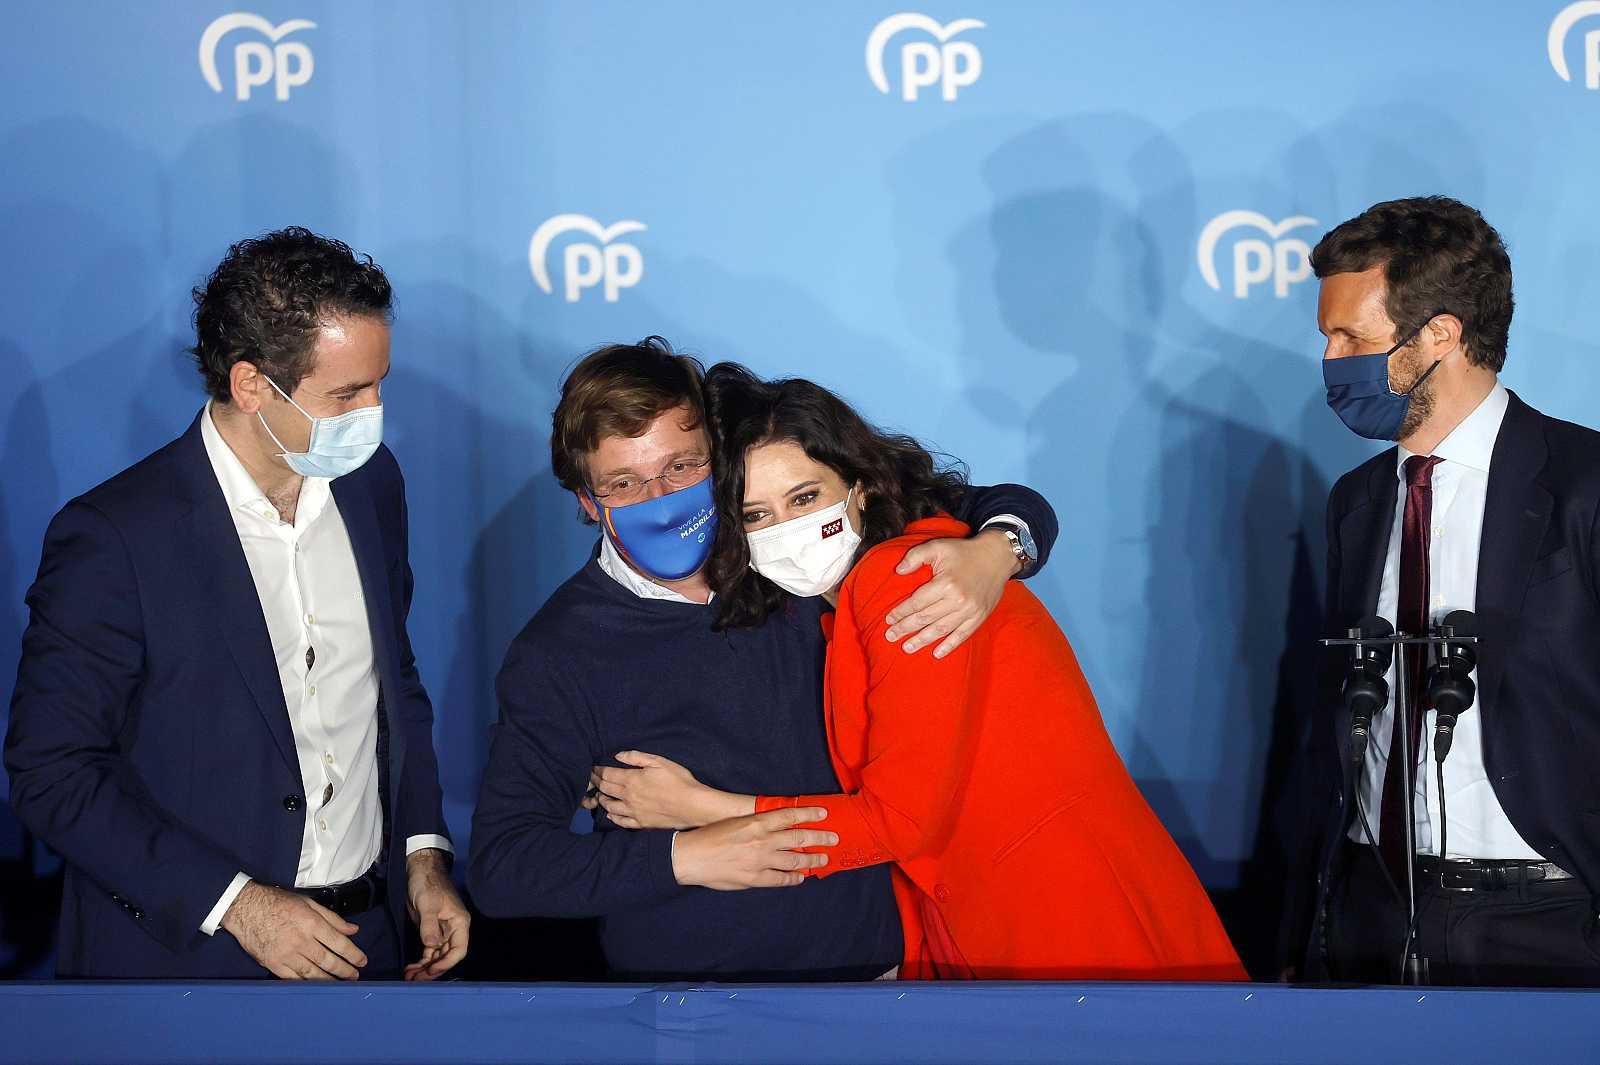 La plana mayor del PP sale al balcón de Génova a celebrar la victoria en Madrid